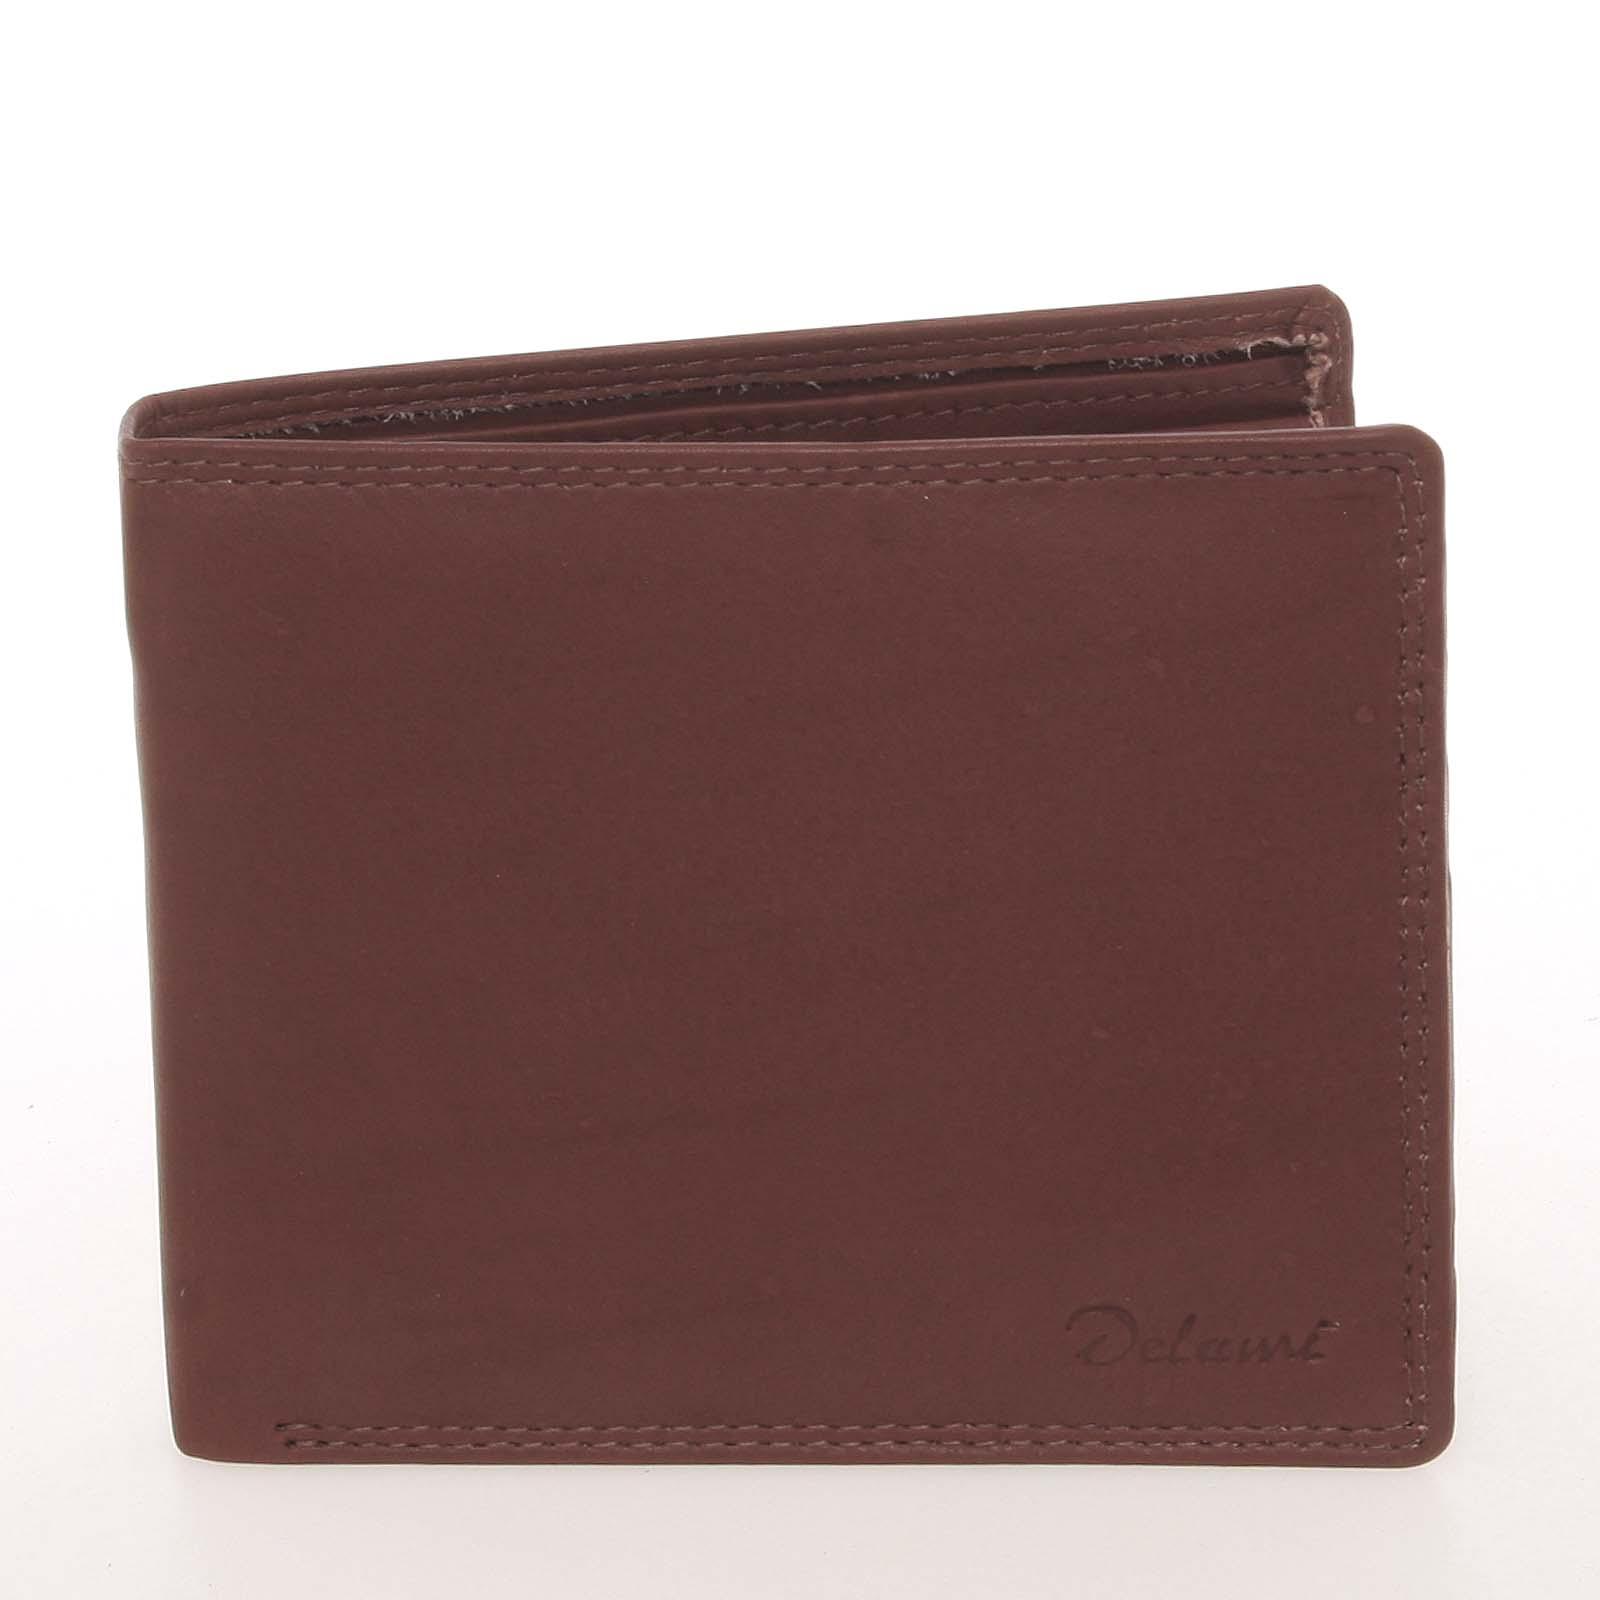 Elegantná pánska kožená hnedá peňaženka - Delami Kerman